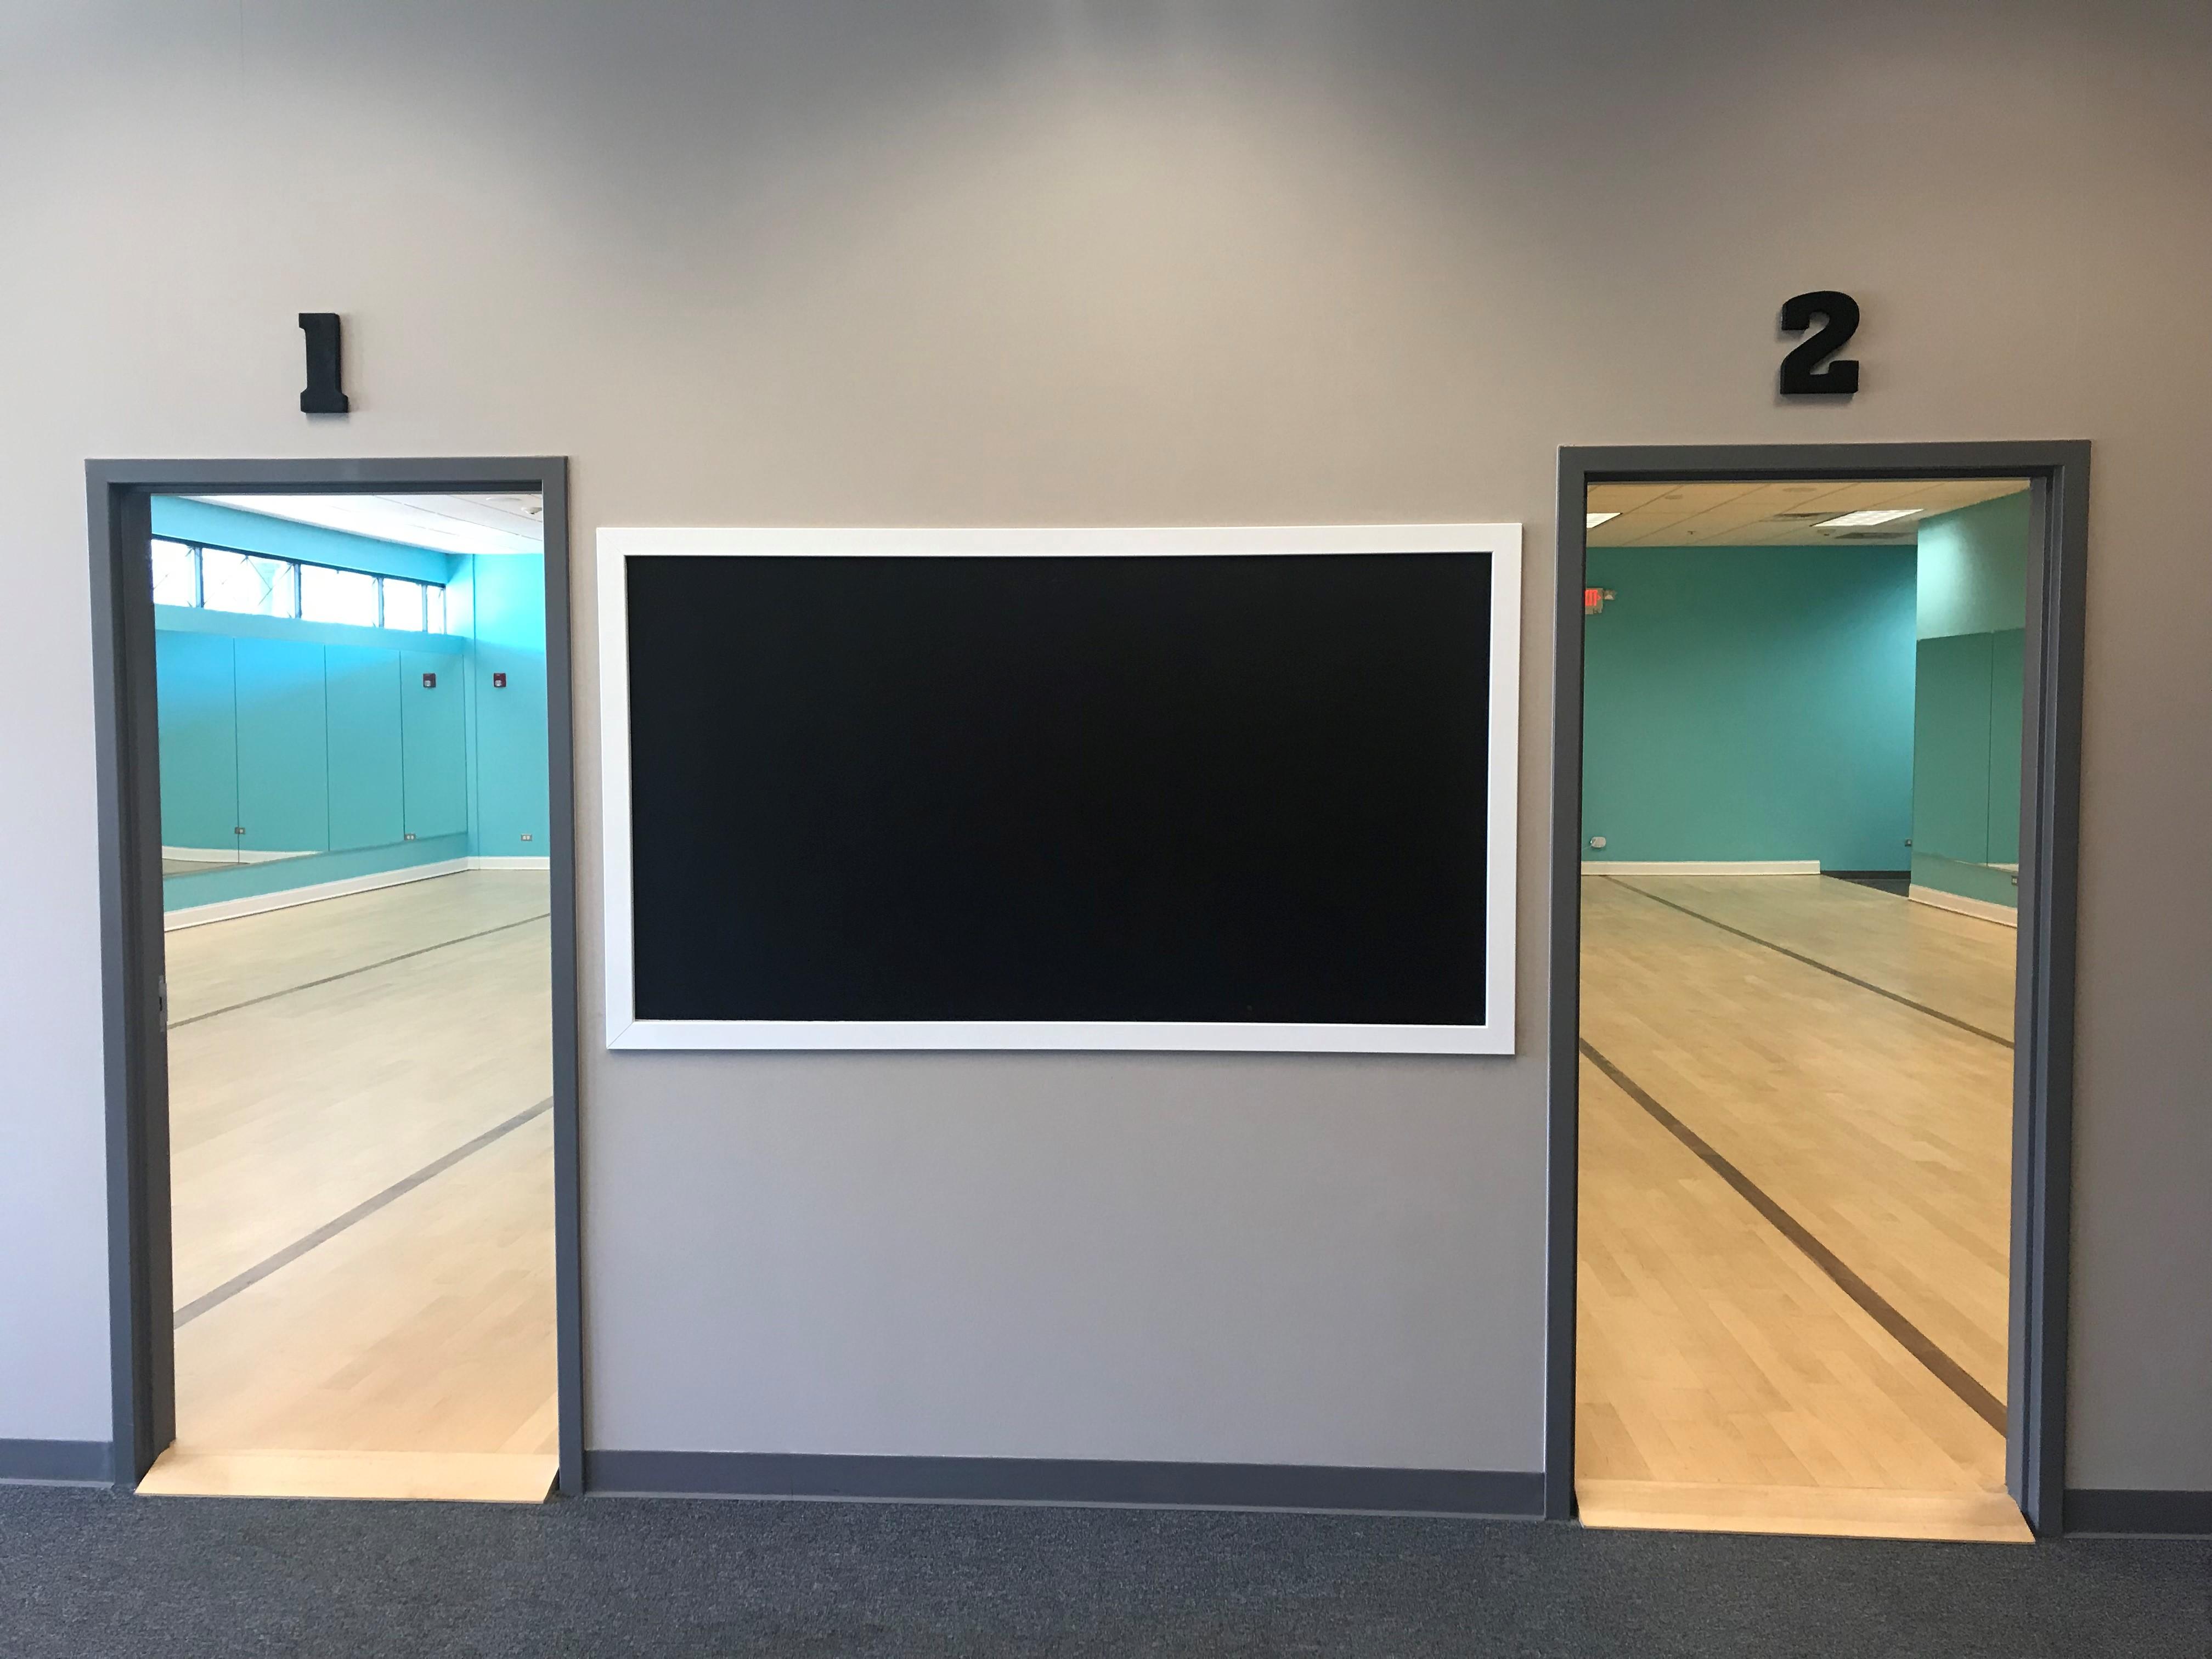 Studio 1 & 2